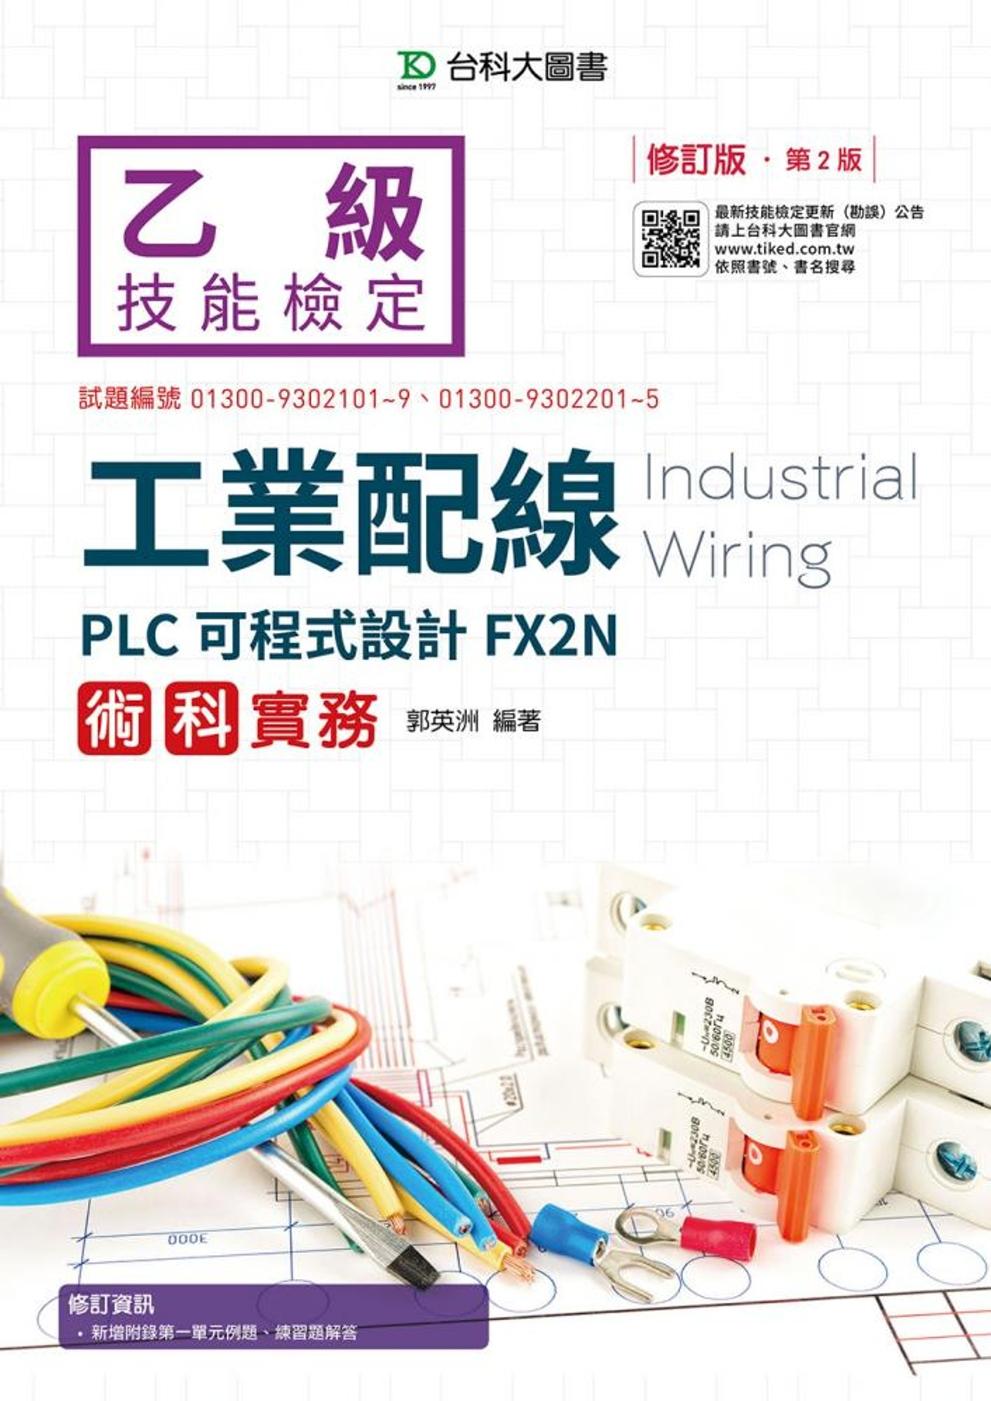 乙級工業配線PLC可程式設計FX2N術科實務:修訂版(第二版)